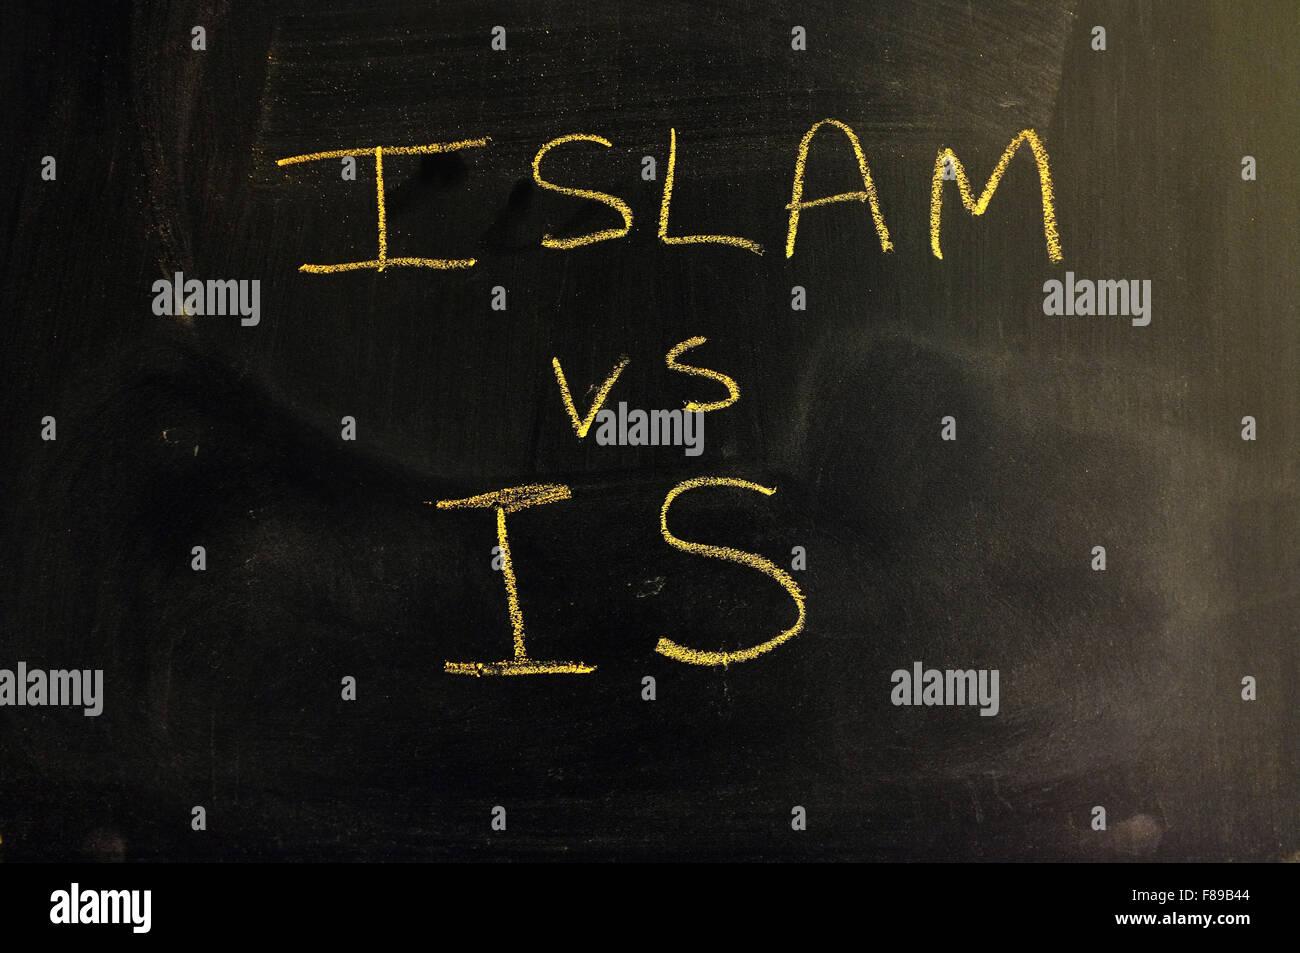 Islam vs IS written on a blackboard in chalk. - Stock Image